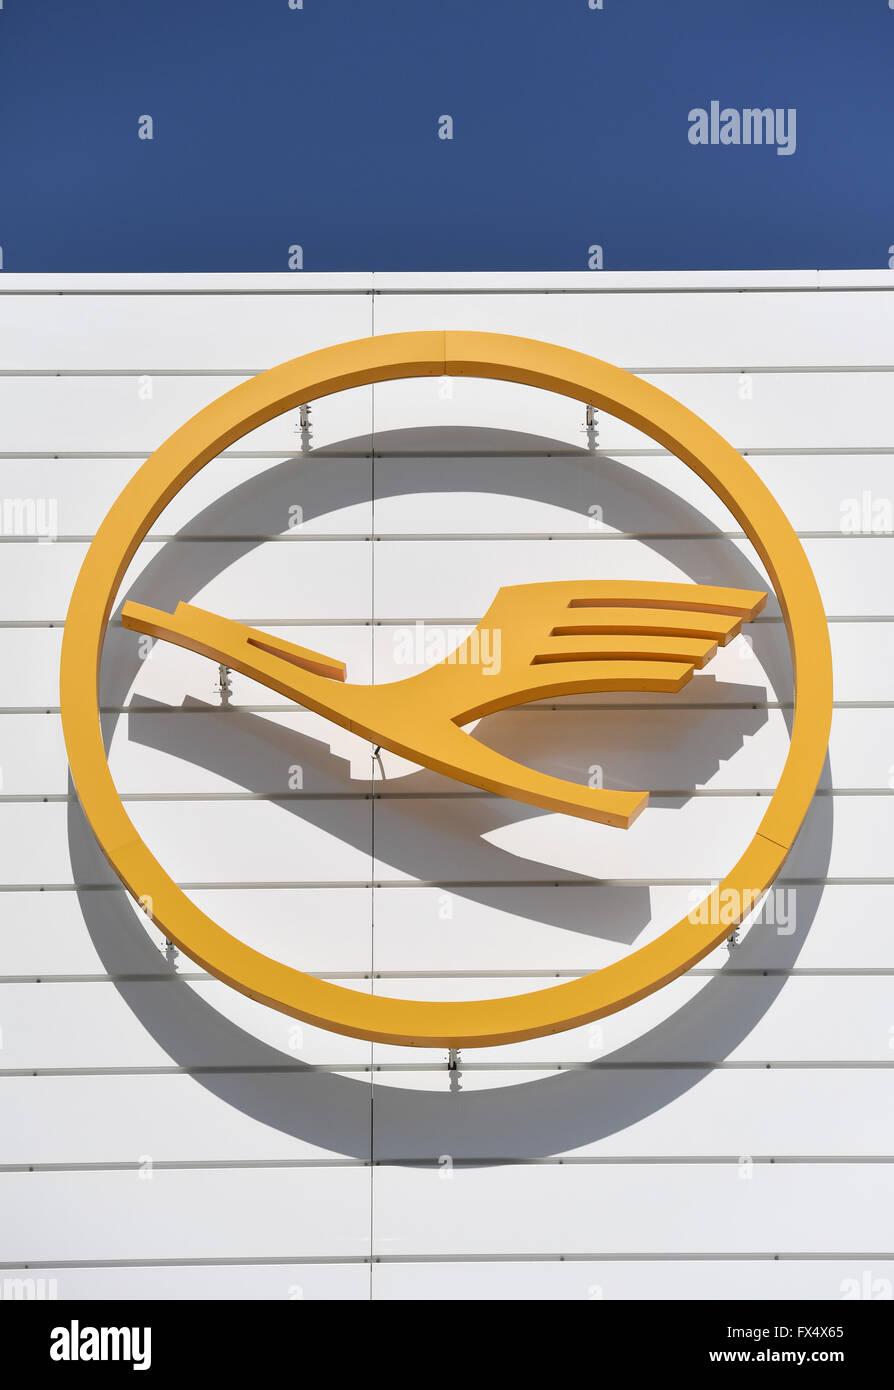 Monaco di Baviera, Germania. 04 apr, 2016. Il logo di tedesco vettore aereo Lufthansa raffigurato su una costruzione dell'aeroporto di Monaco di Baviera, Germania, 04 aprile 2016. Foto: ANDREAS GEBERT/dpa/Alamy Live News Foto Stock